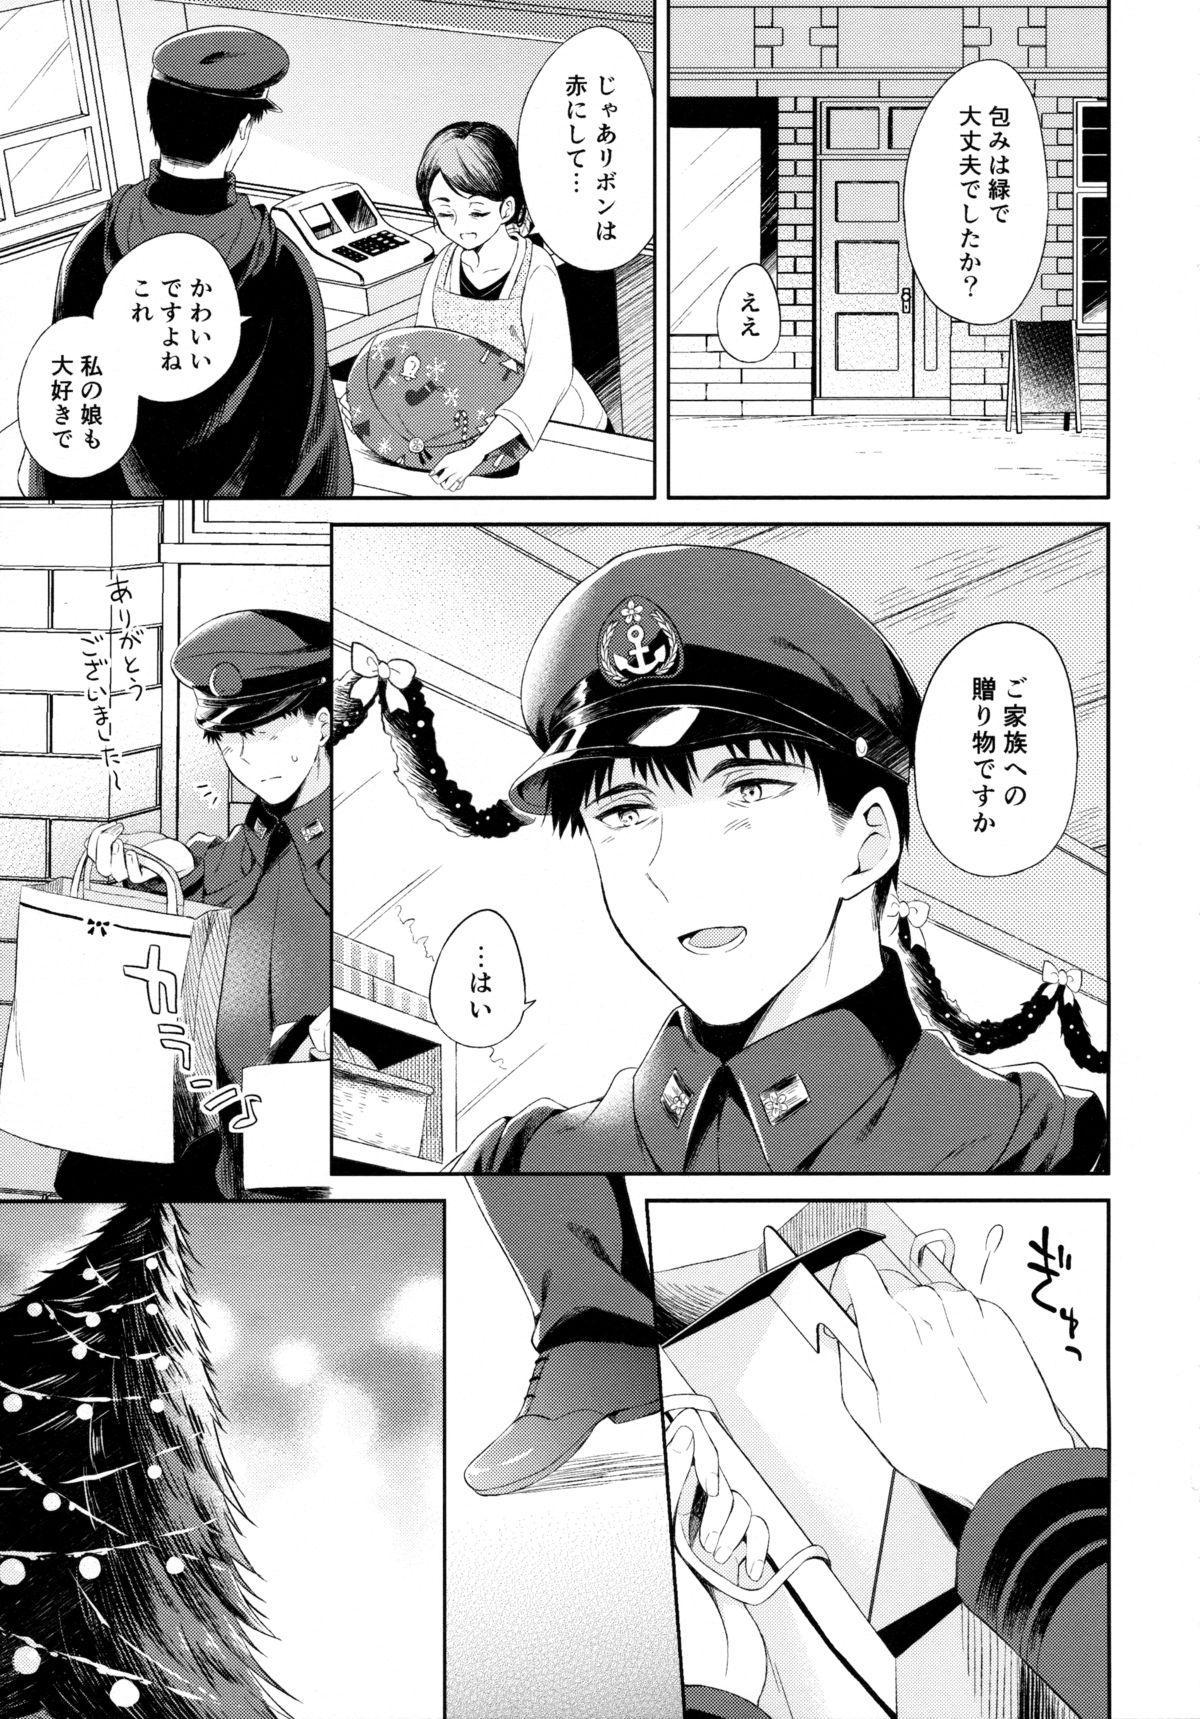 Kitakami-san to Teitoku ga Zutto Issho ni Kurasu Ohanashi. 3